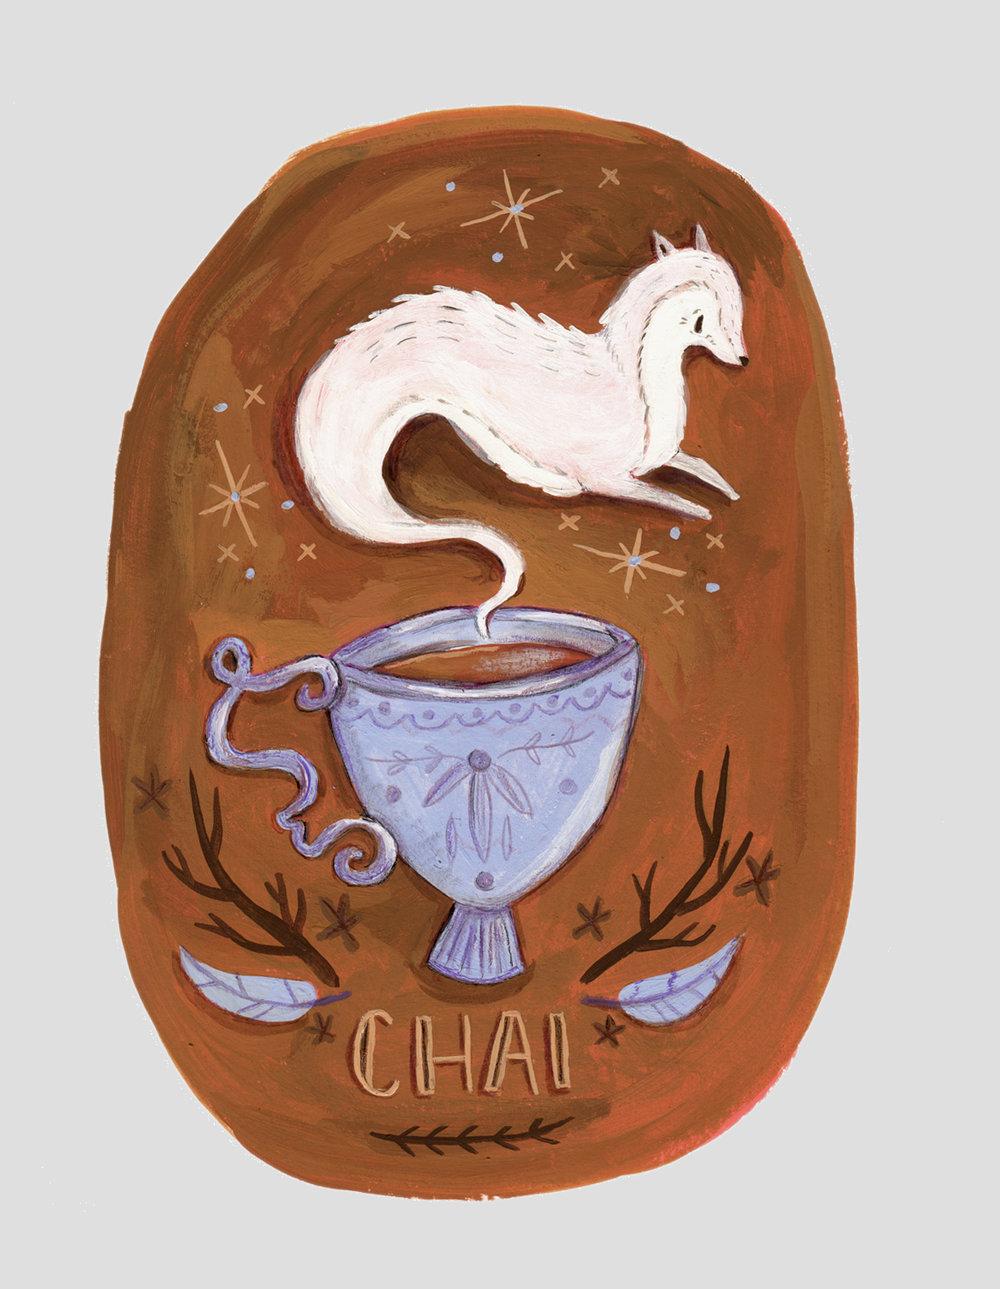 Chai Ghostea